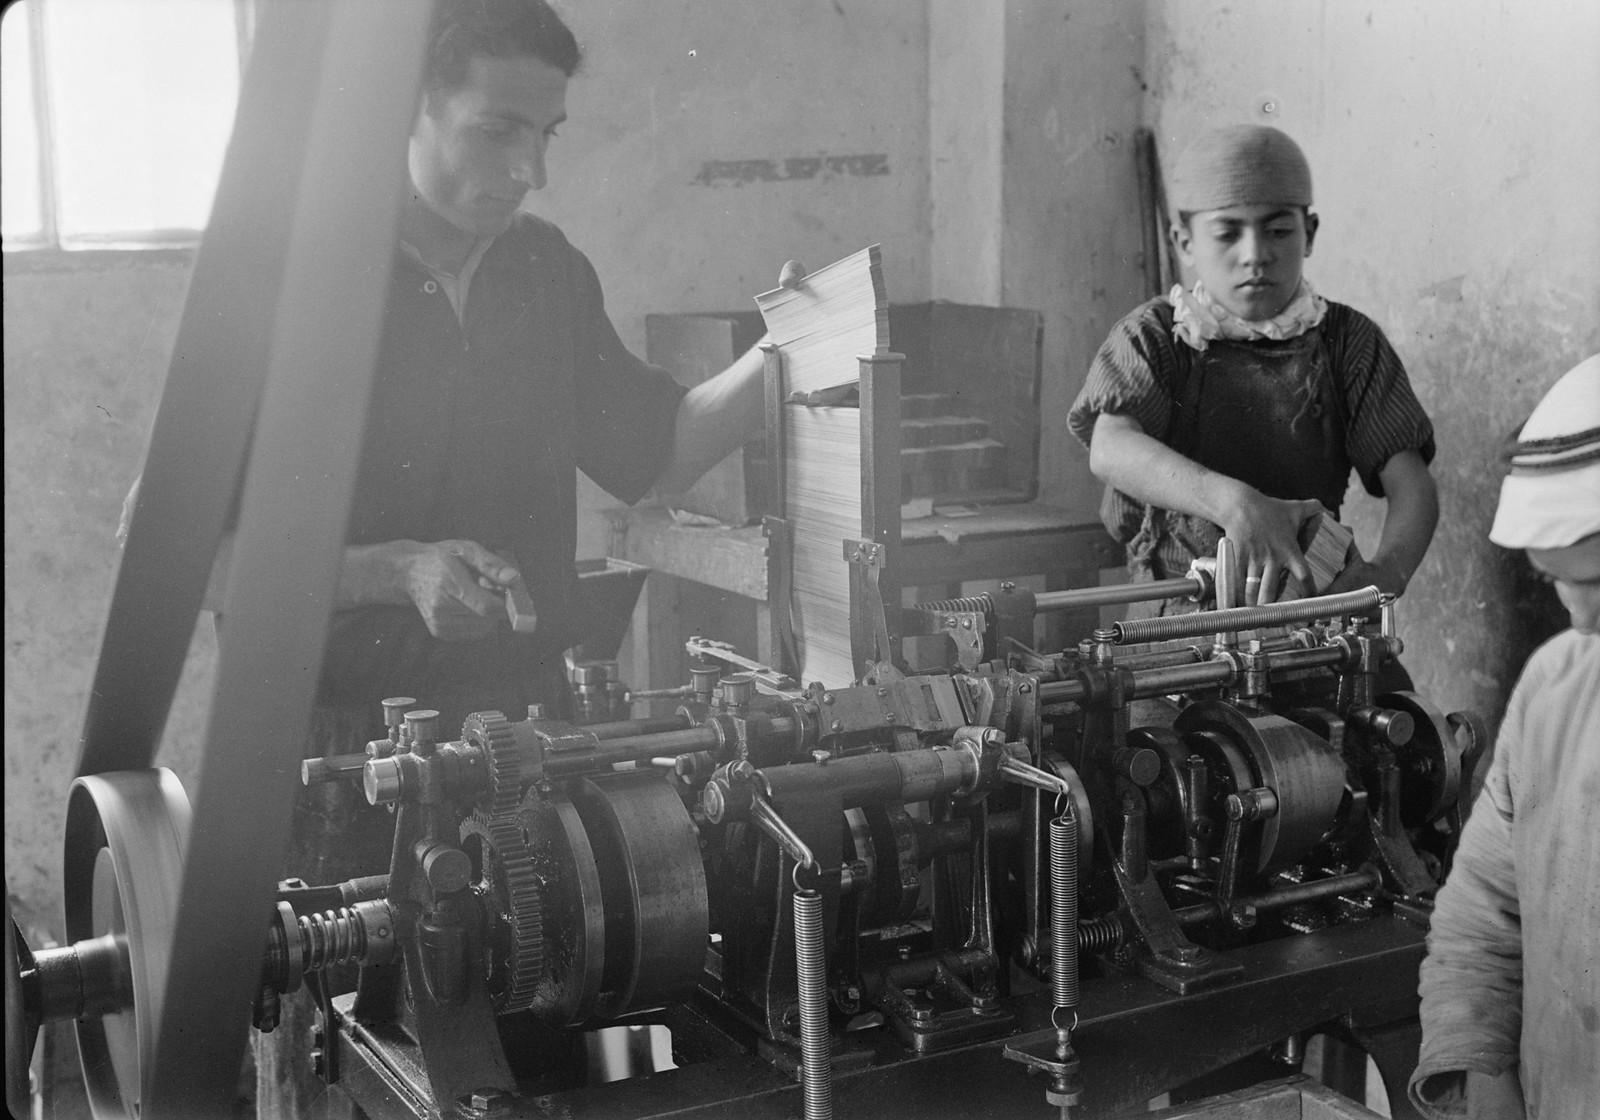 05. 1940. Шхем. Спичечная фабрика. Изготовление спичечных коробок машинным способом